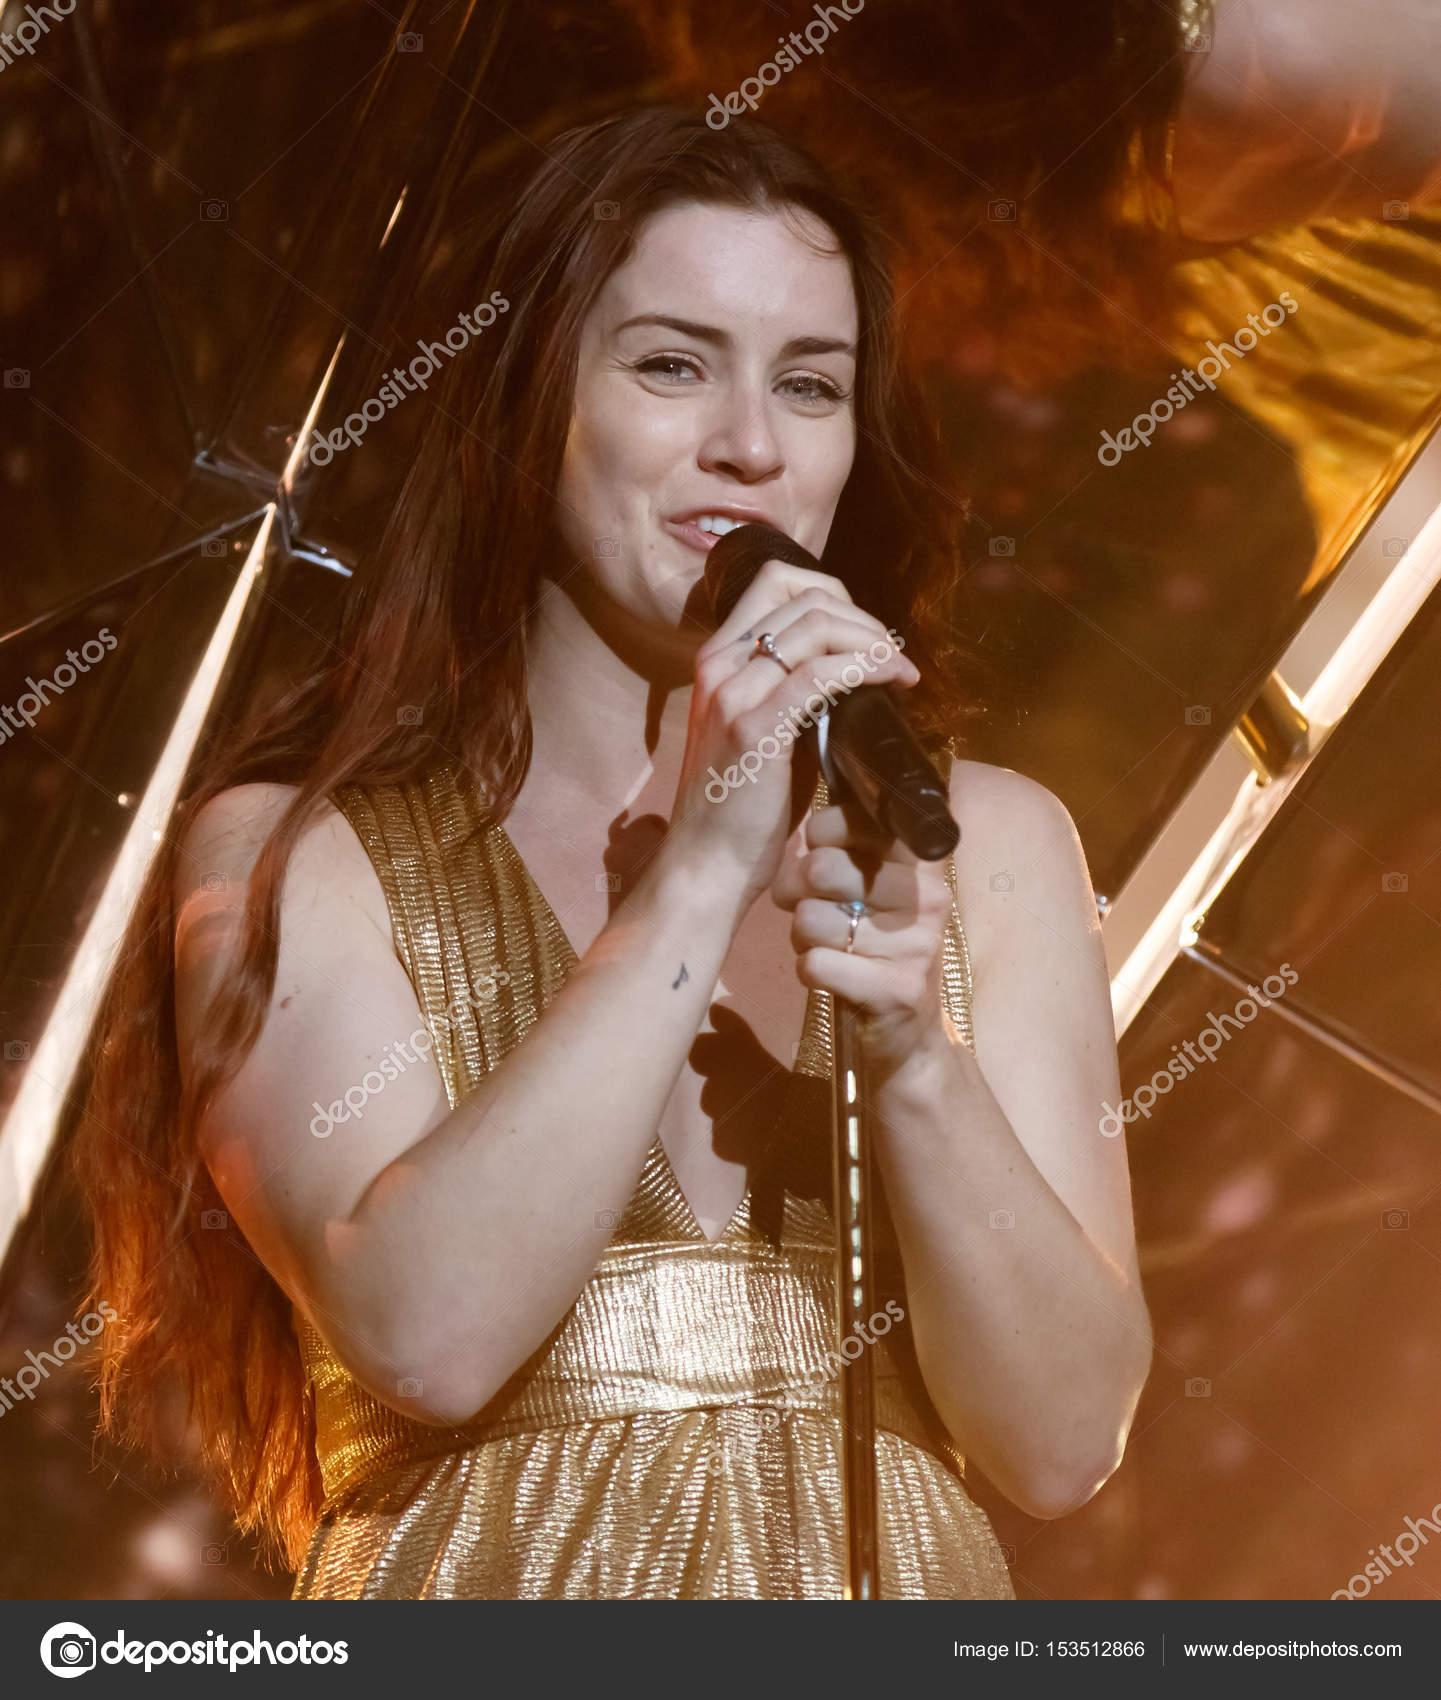 ユーロビジョン・ソング・コンテスト - Eurovision Song Contest ...